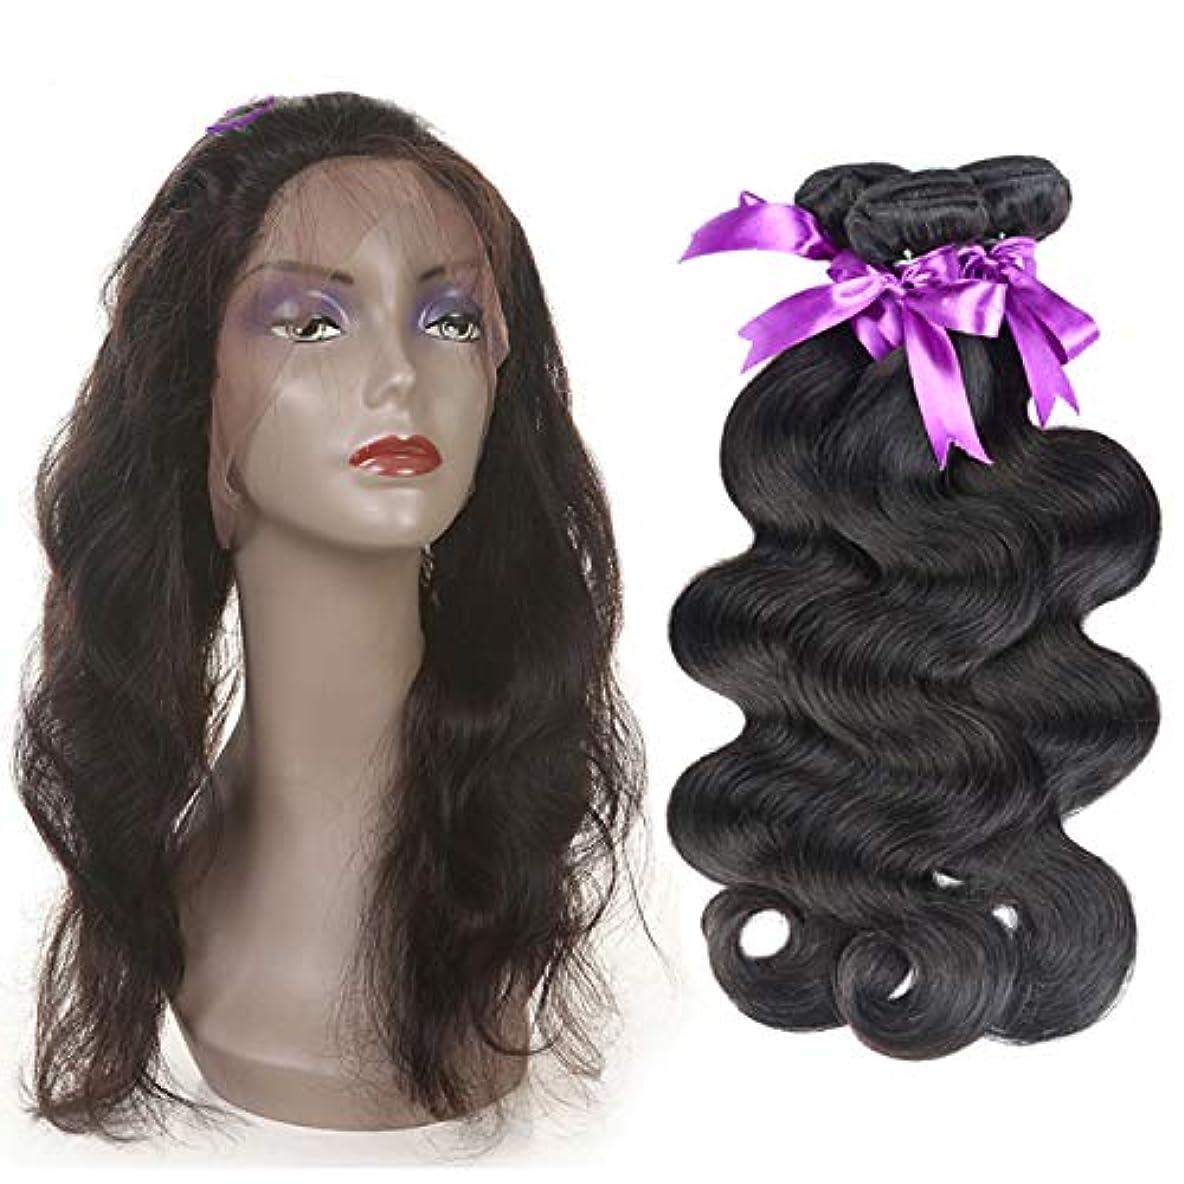 植物学者整然とした過去かつら 360レース前頭閉鎖髪織りバンドル非レミー人間の髪を持つマレーシア実体波3バンドル (Length : 12 14 16 Closure 10)